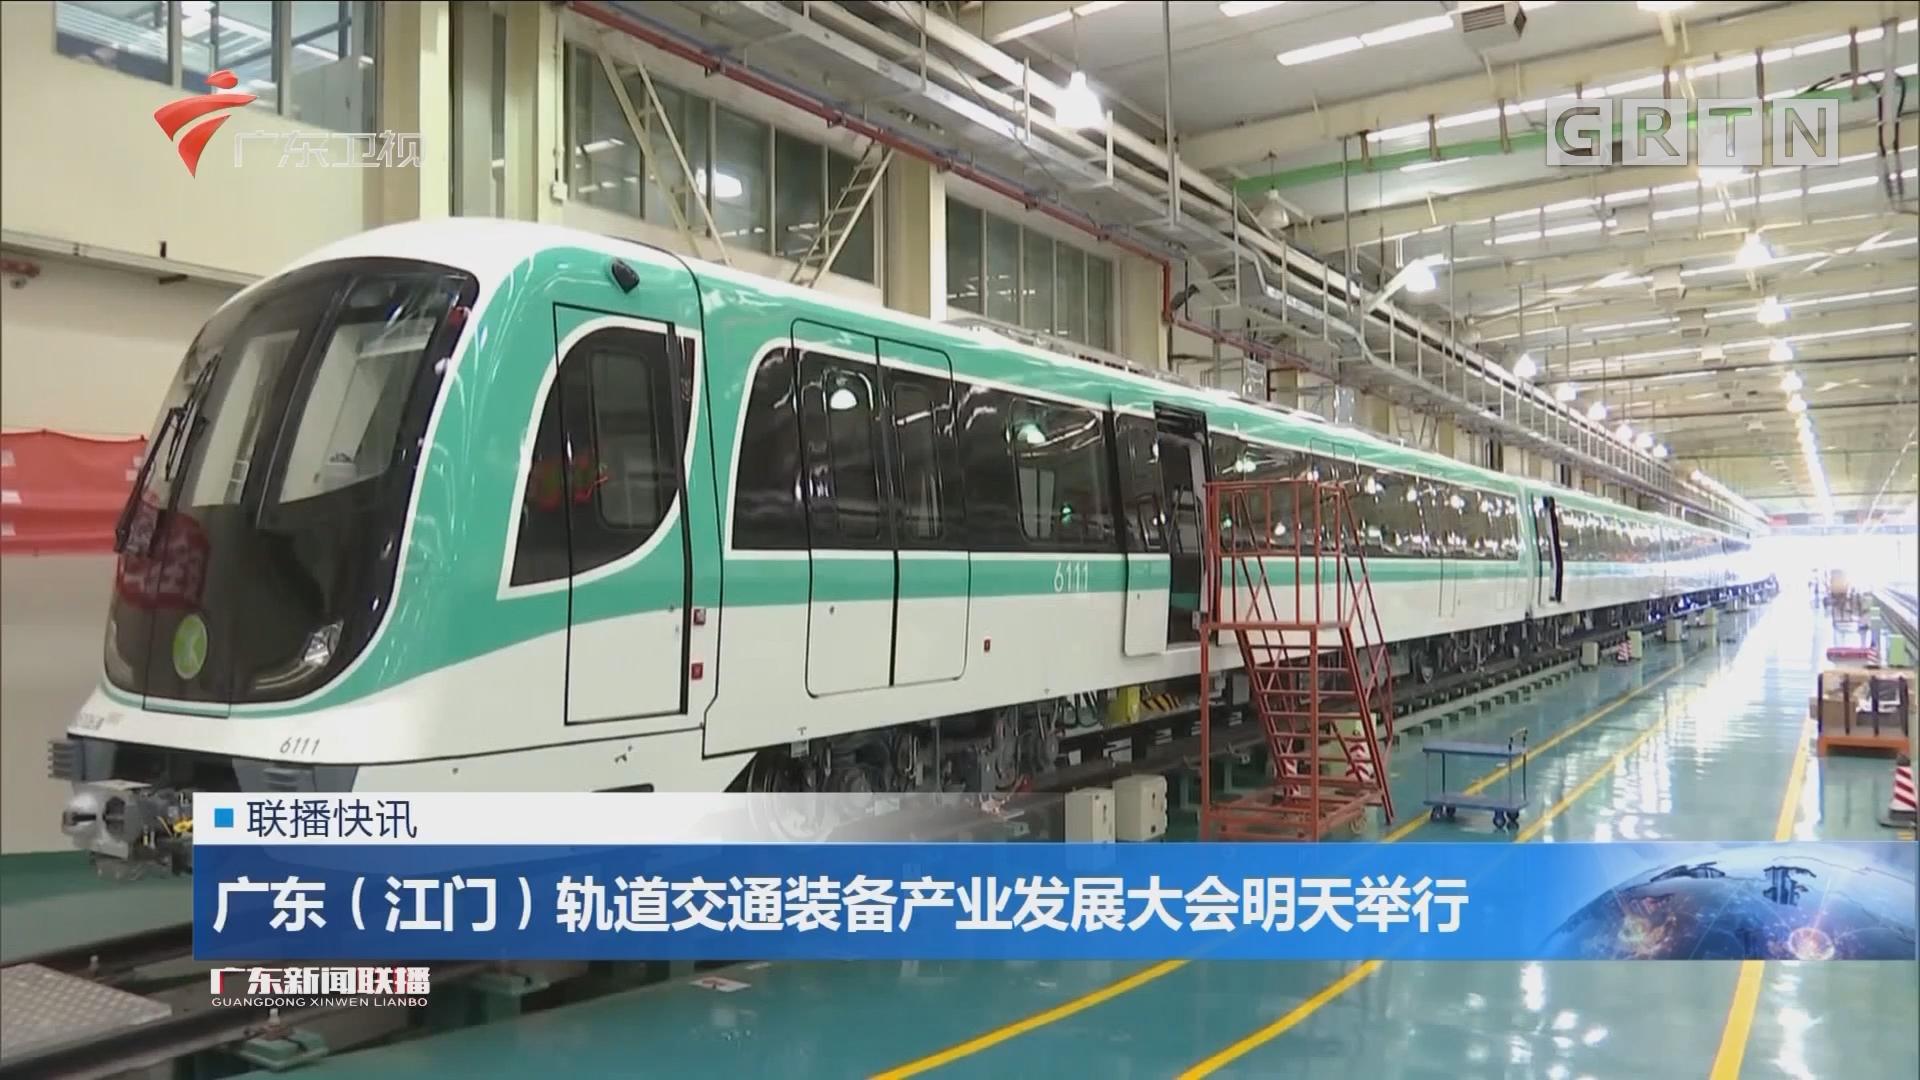 广东(江门)轨道交通装备产业发展大会明天举行